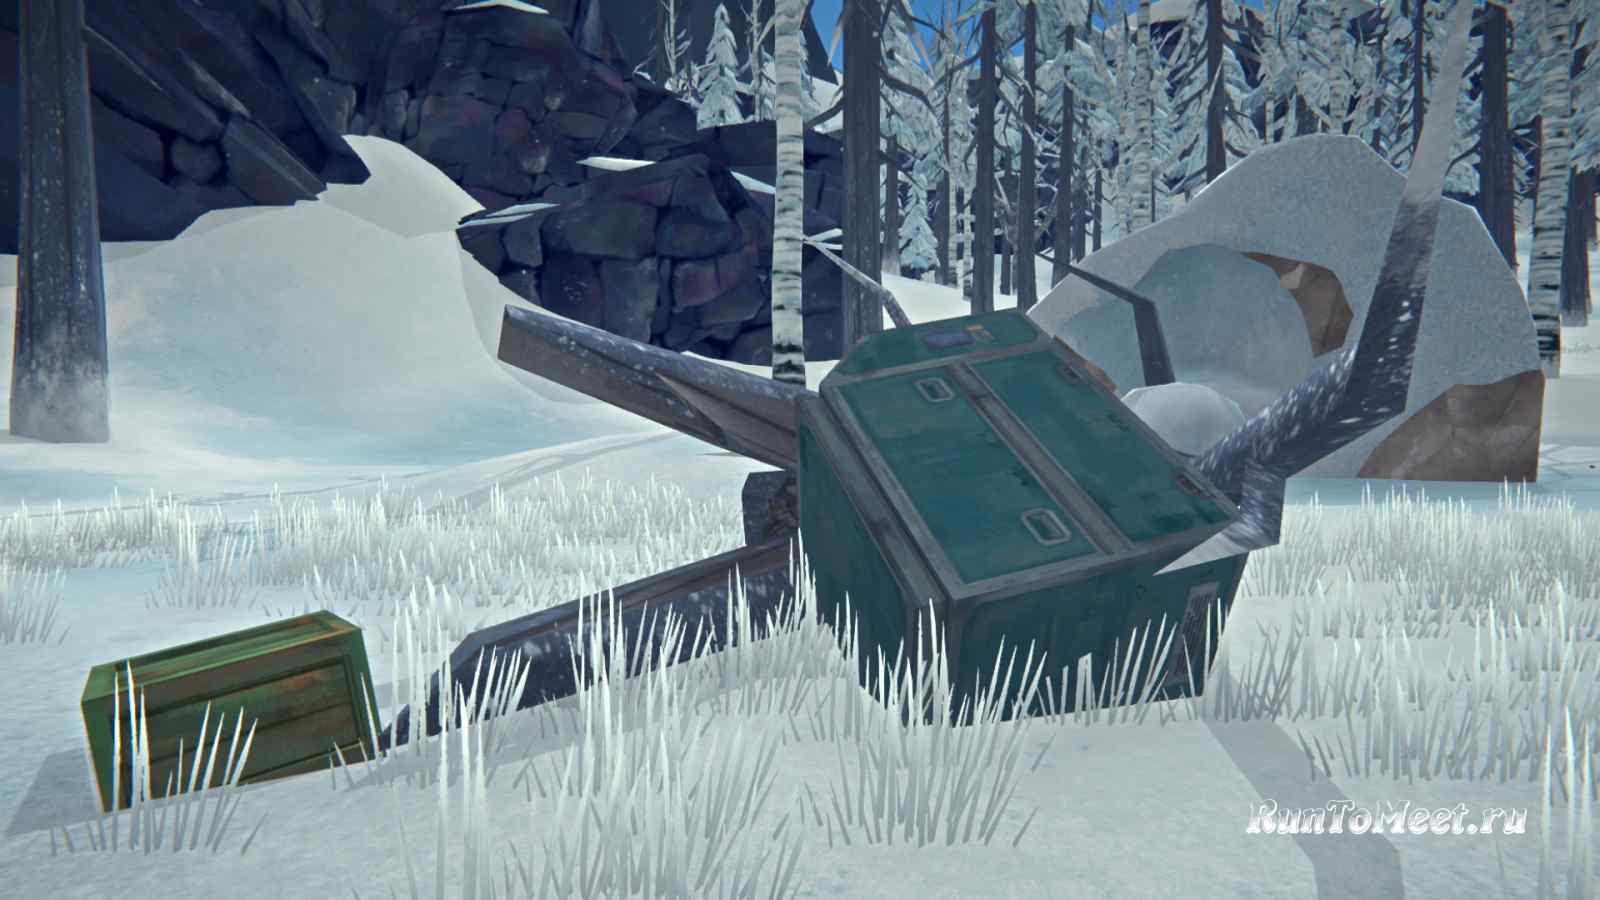 Второй контейнер возле крыла самолета на Волчьей горе, в игре The long dark